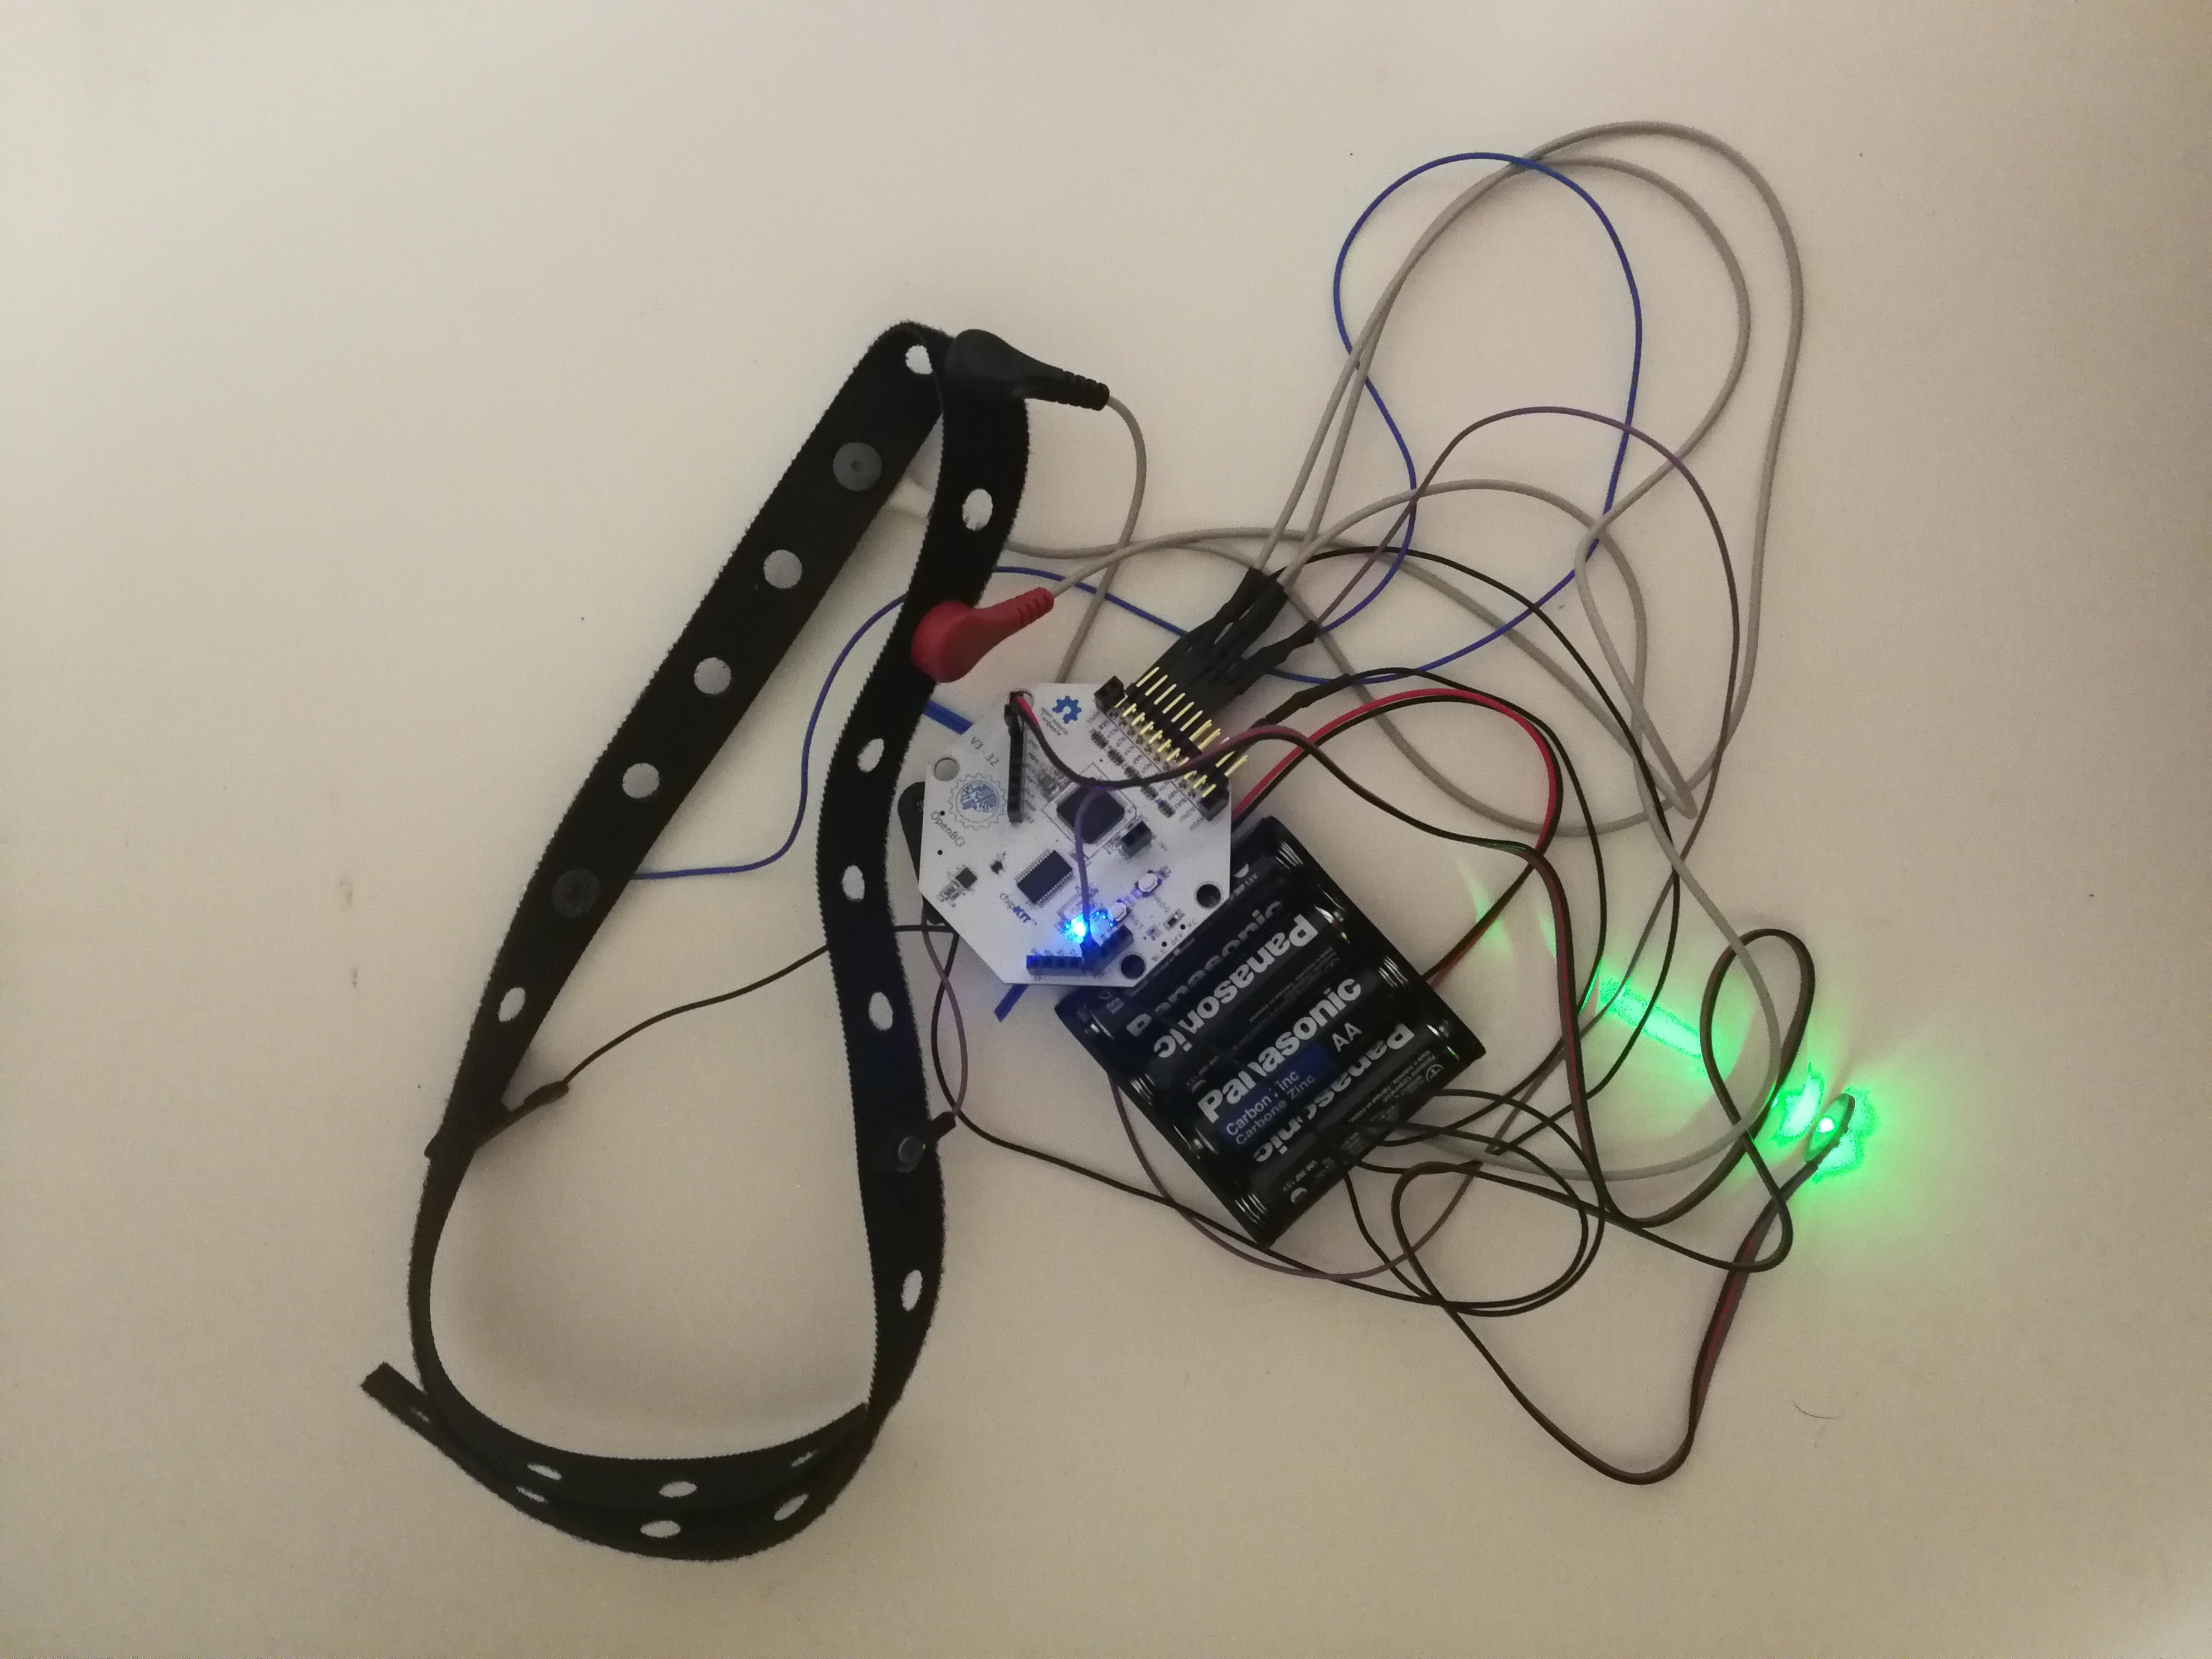 openbci headband kit.jpg